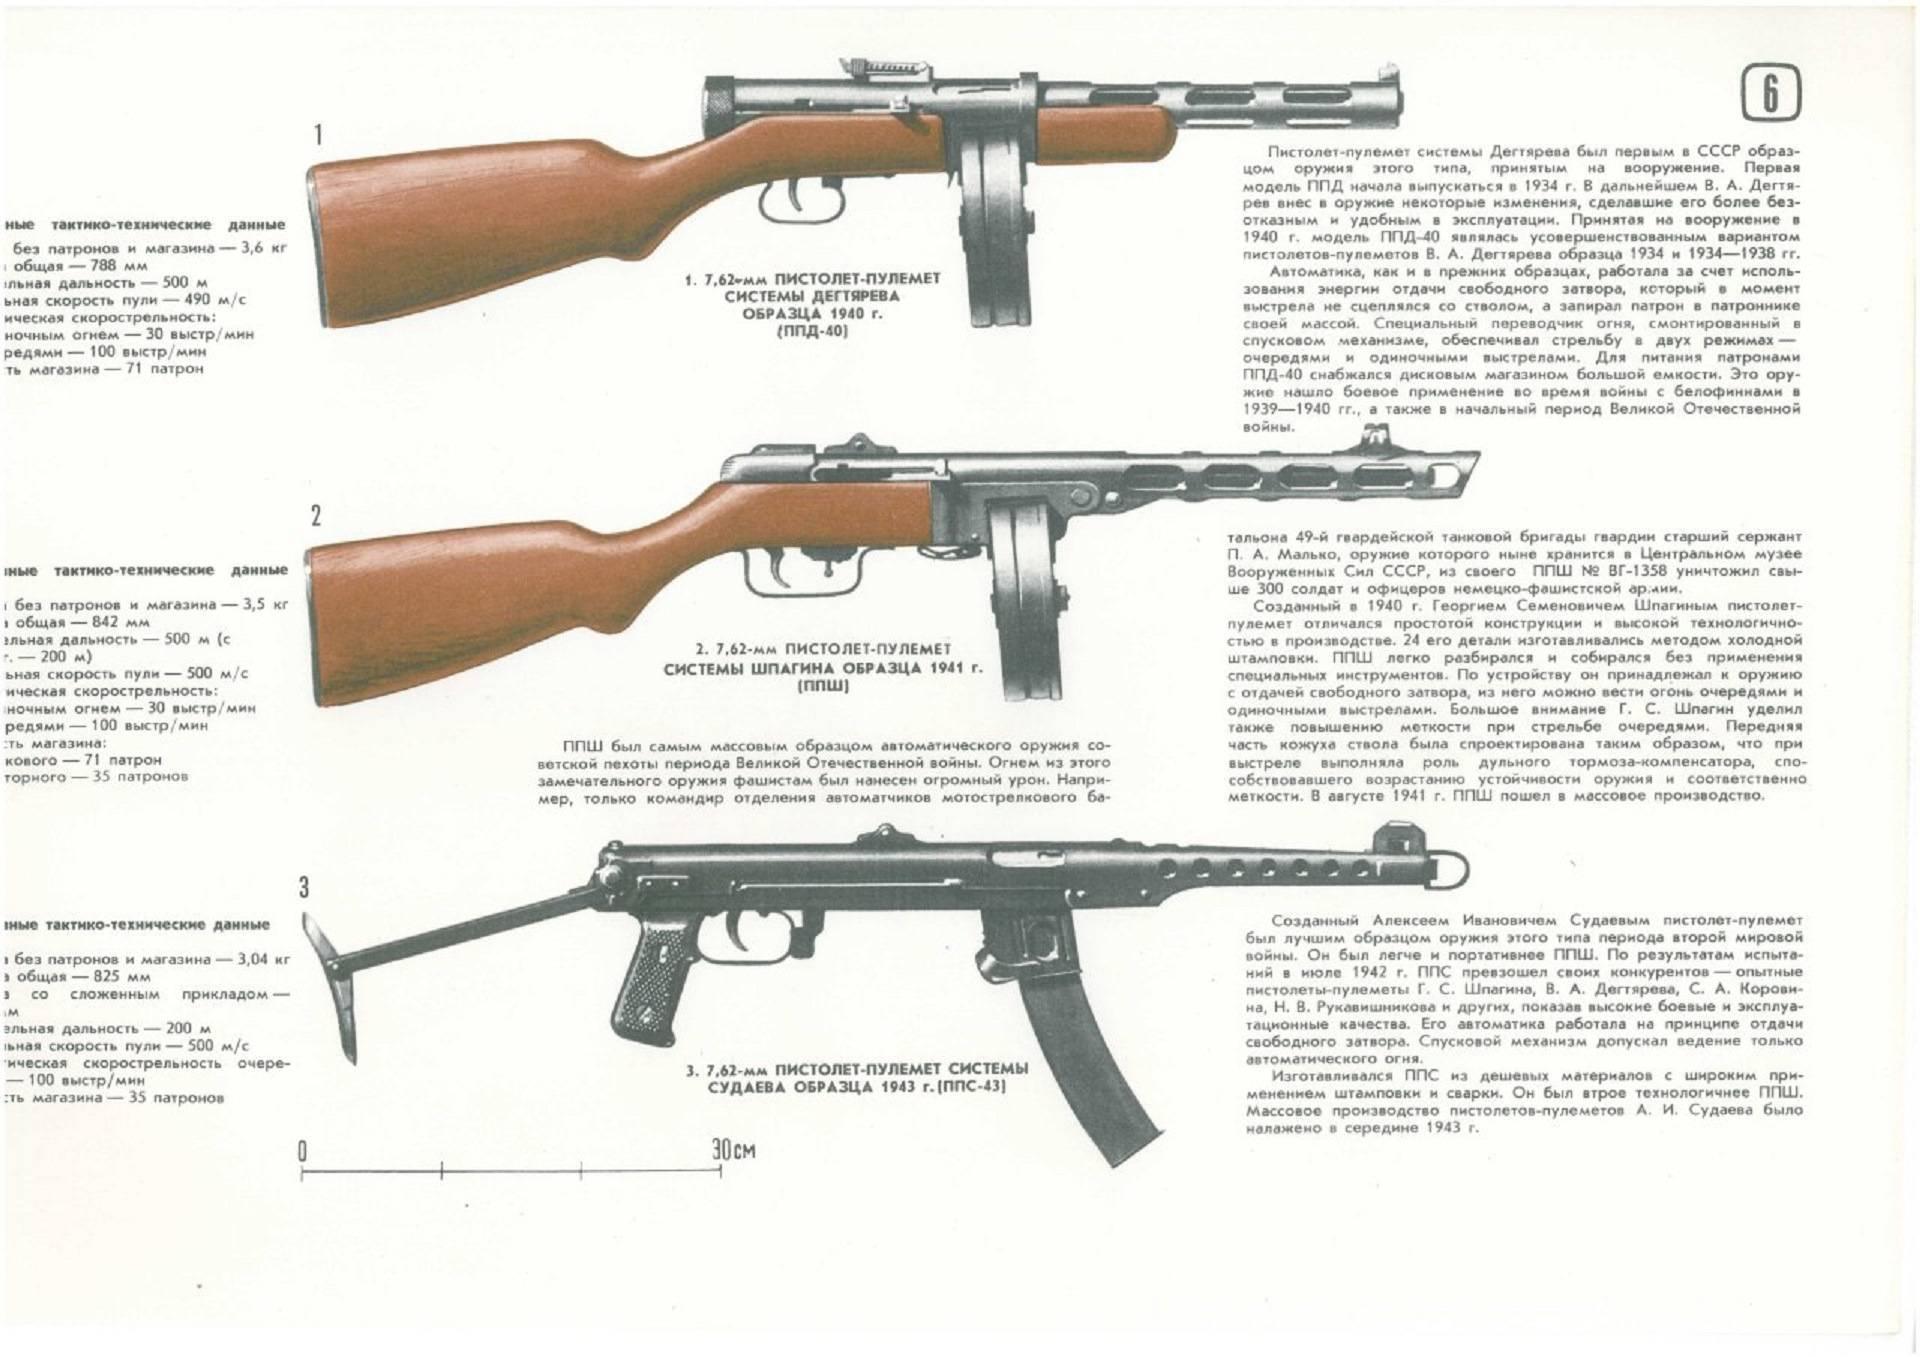 Военная история, оружие, старые и военные карты. пулемет системы дегтярева – эталон, победивший время полномасштабные размеры пулемета дп 27